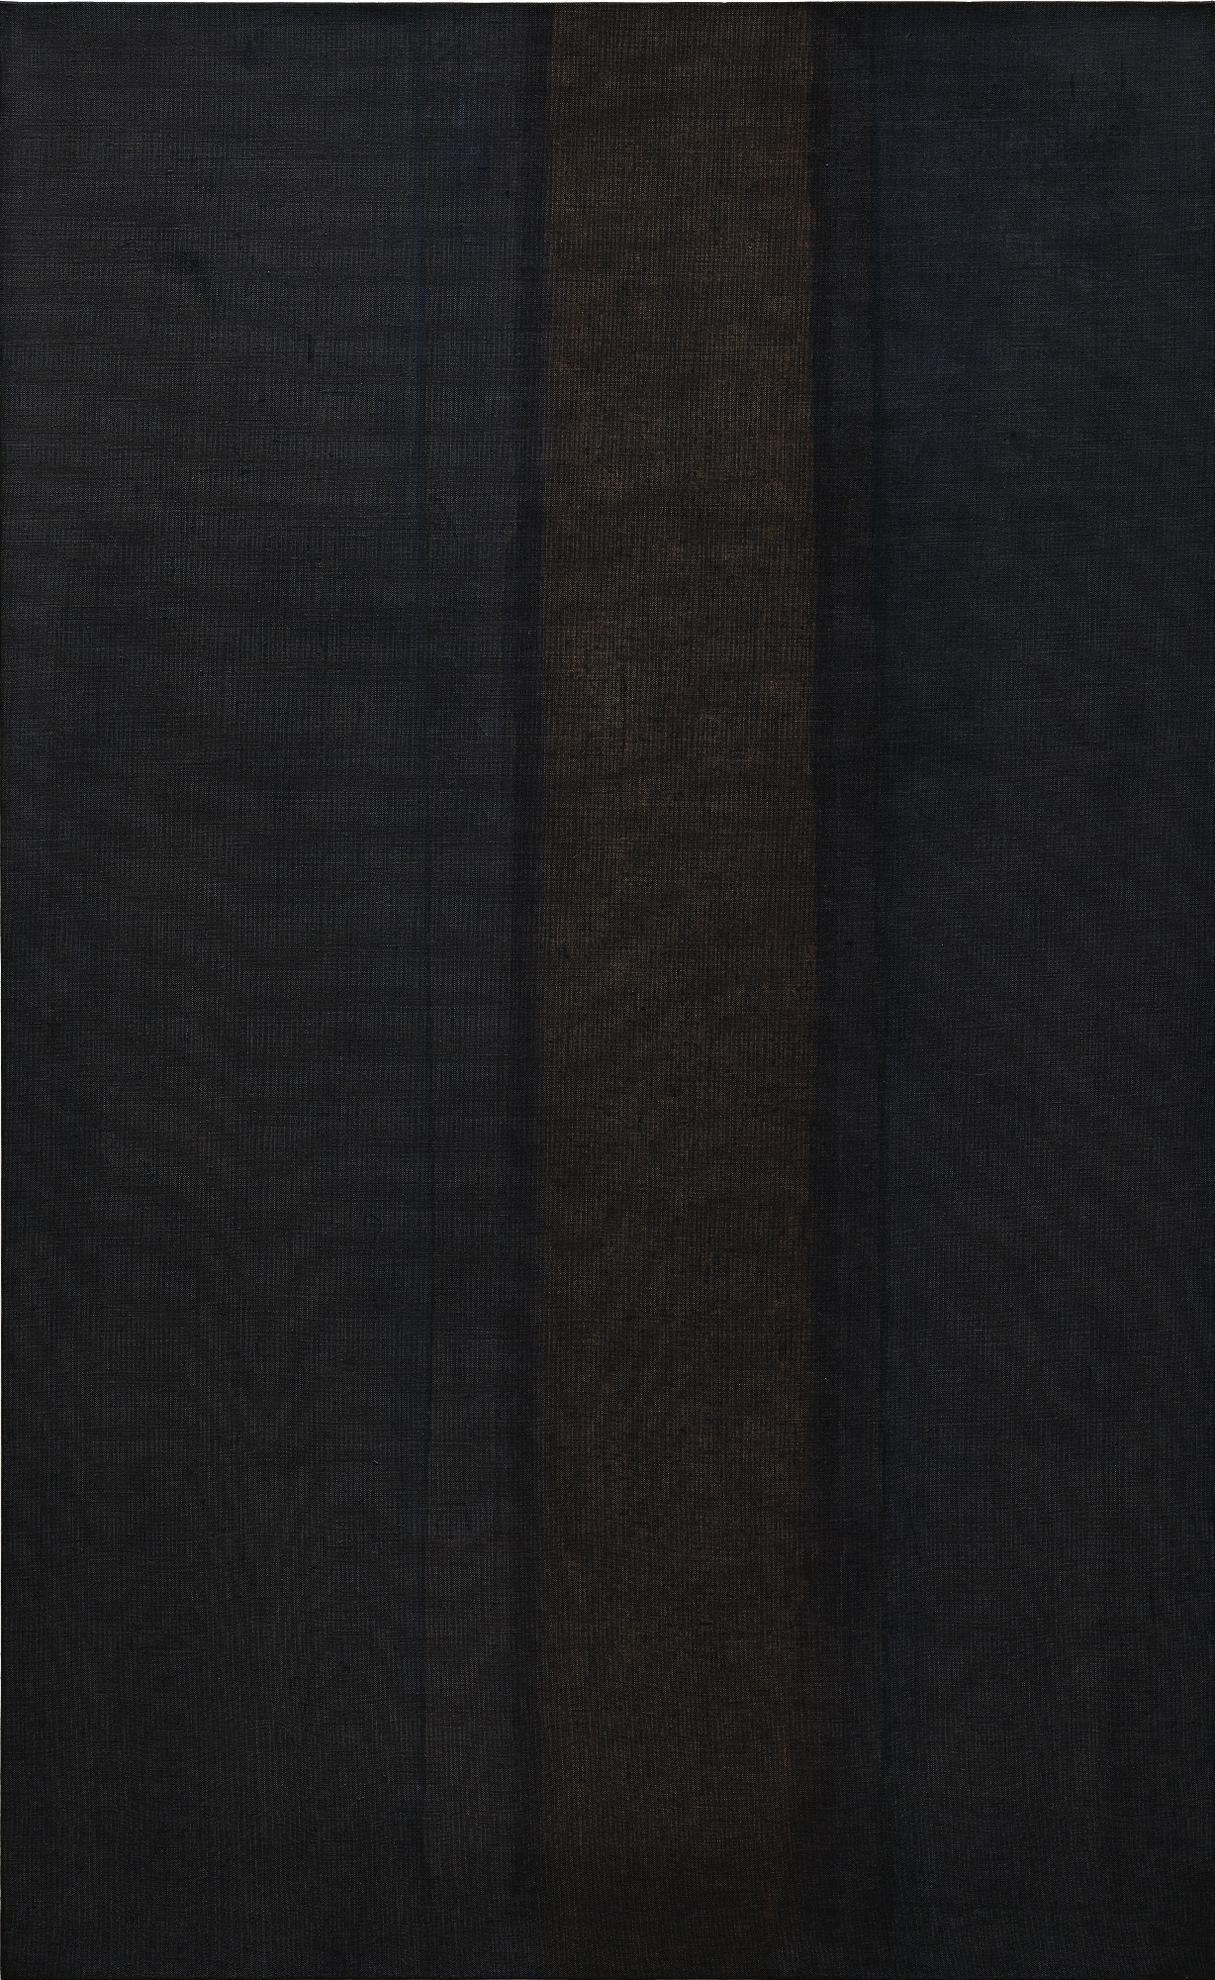 Yun Hyong-Keun-Umber-Blue-1979